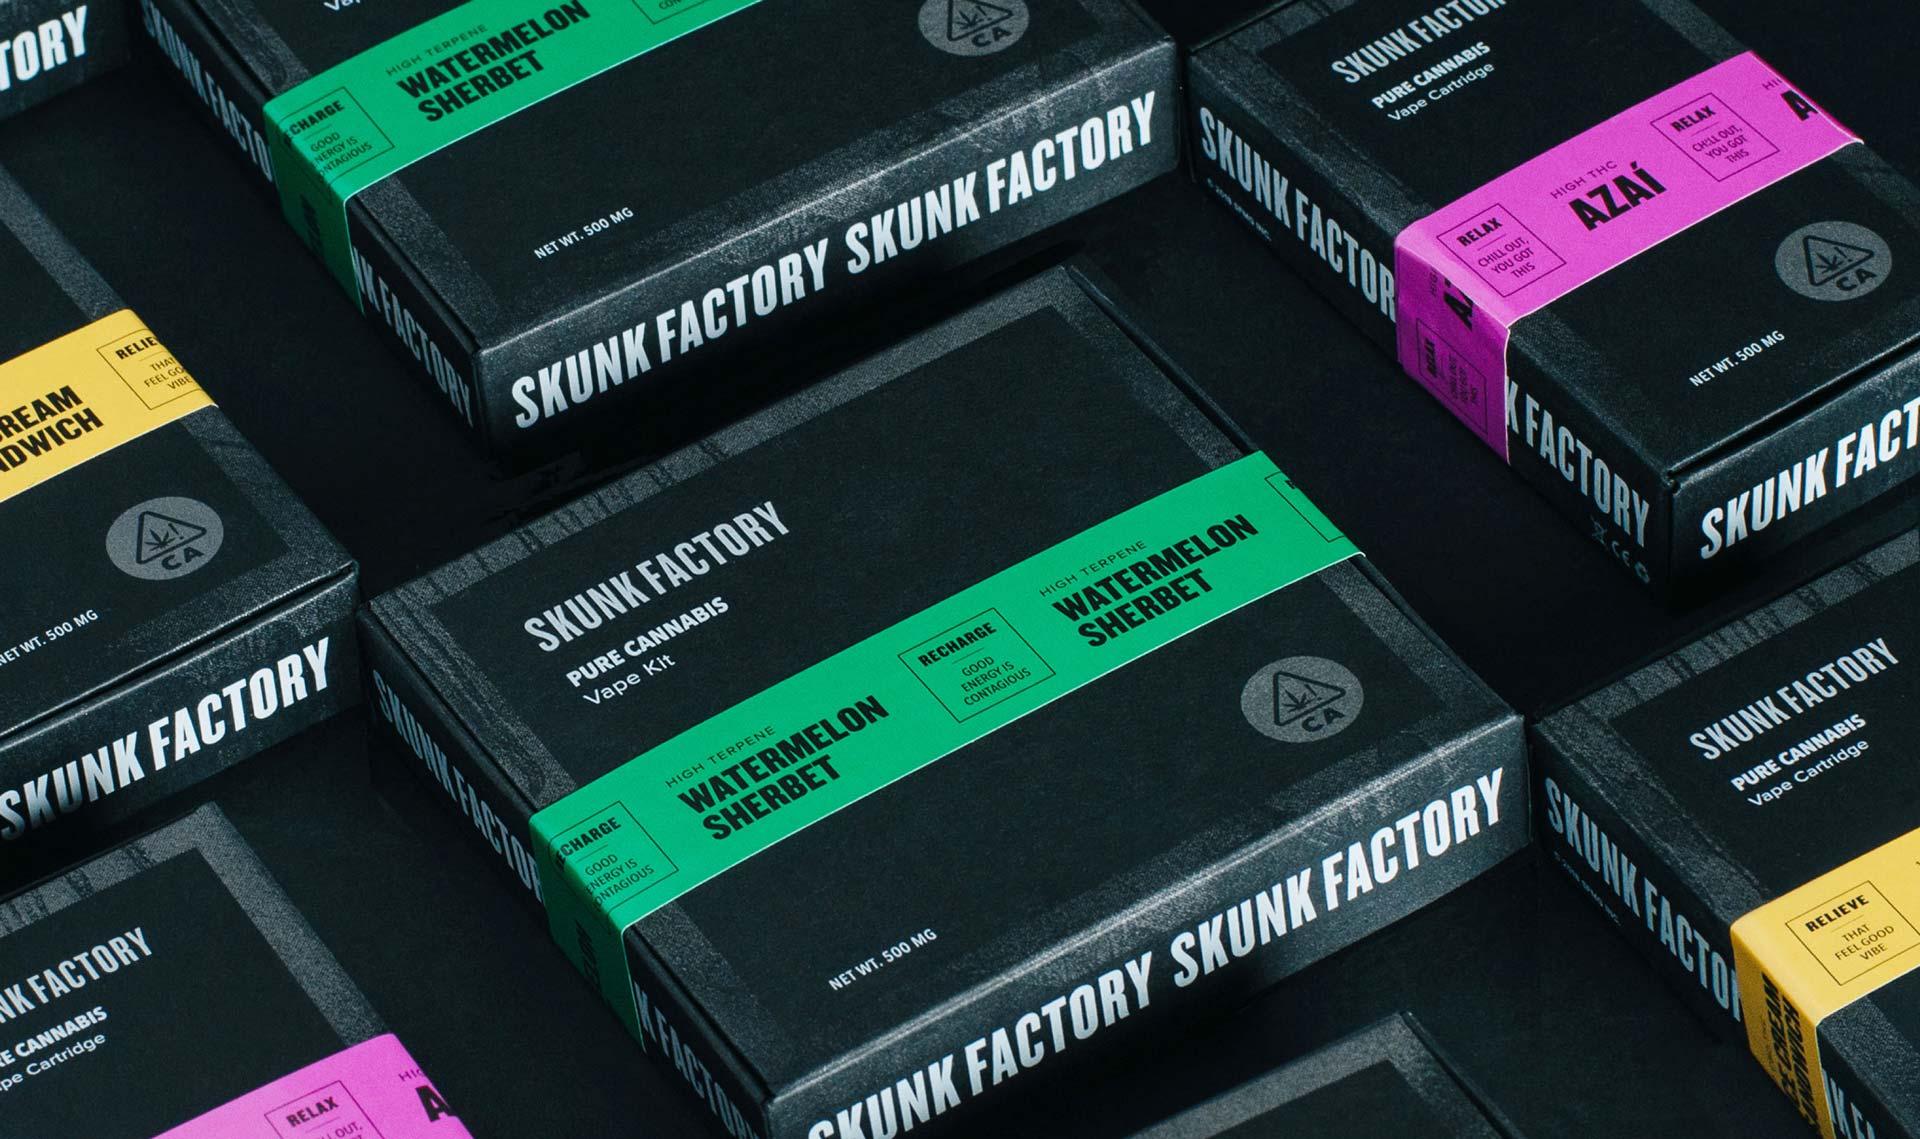 Skunk Factory Packaging